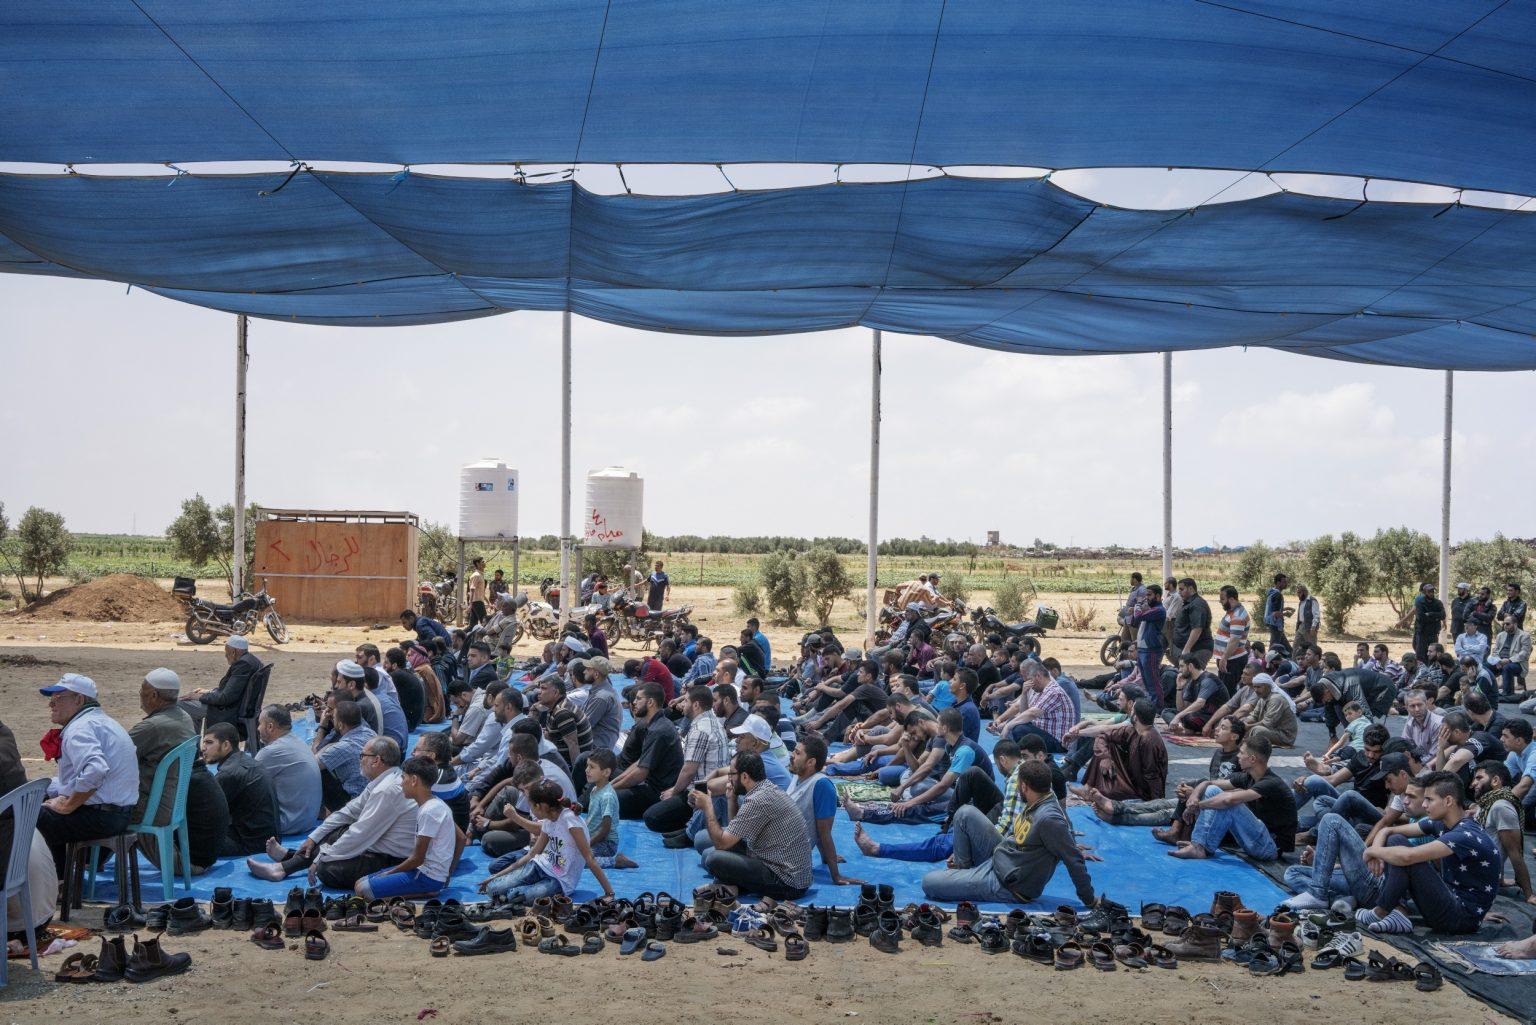 Gaza Strip, May 2018 - People pray at the camp before the protest. >< Striscia di Gaza, maggio 2018 - Civili pregano prima dell'inizio delle proteste.